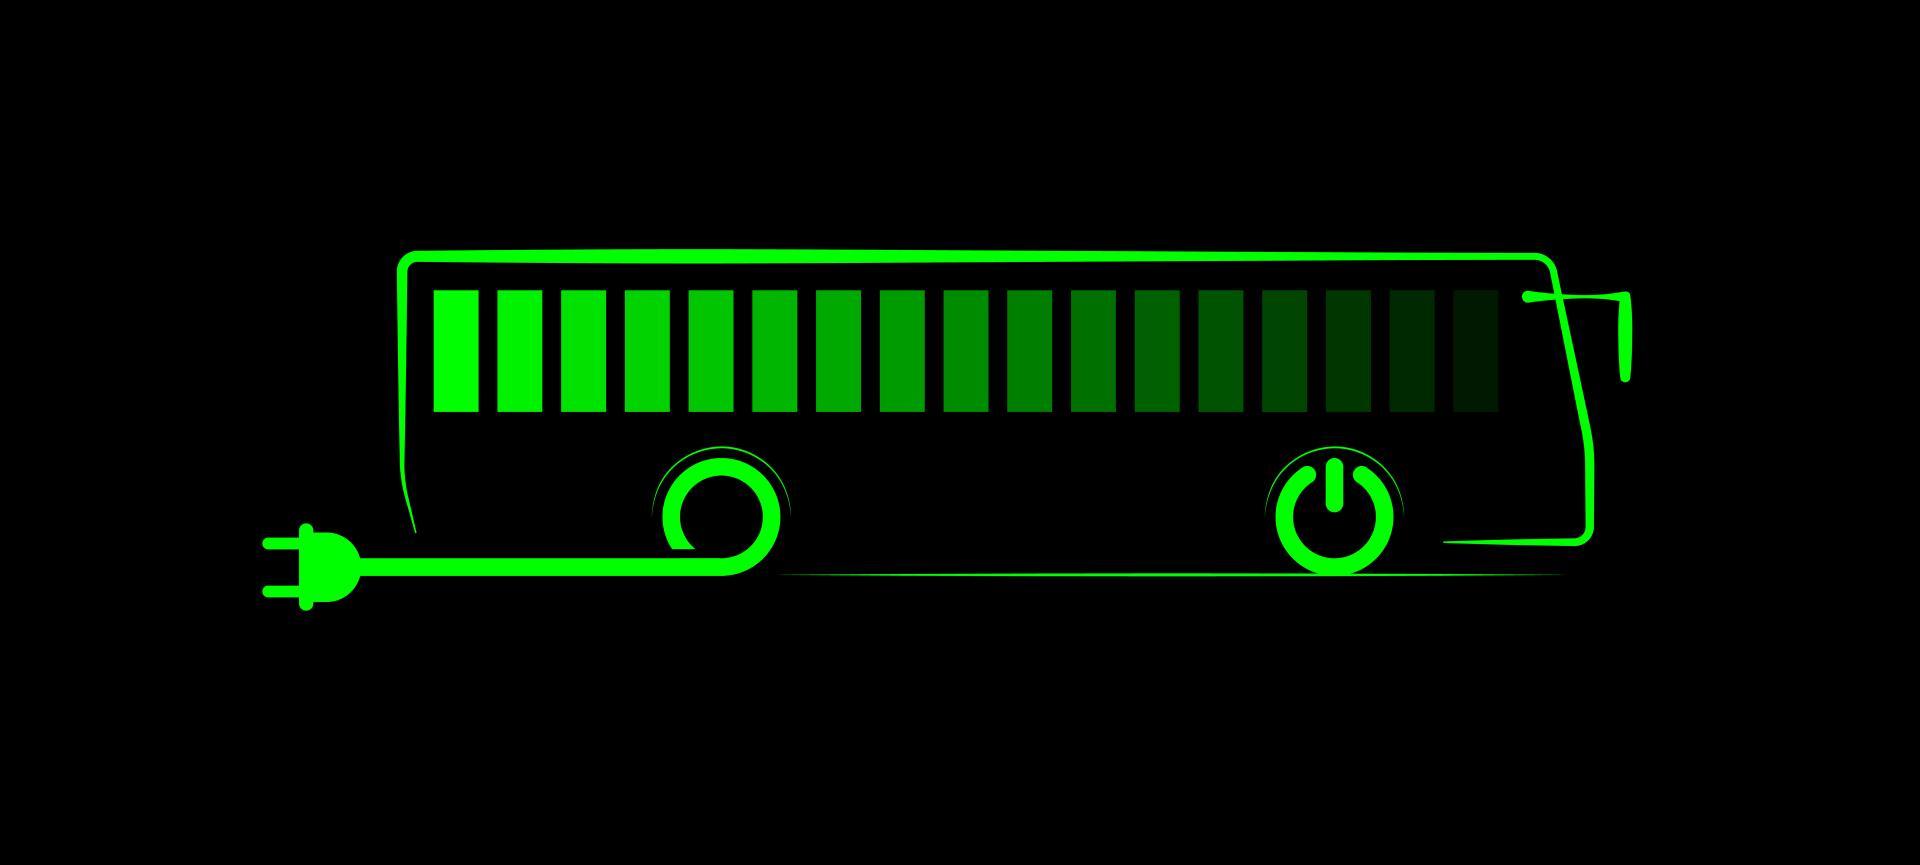 EnBW testet induktives Laden von E-Bussen während der Fahrt